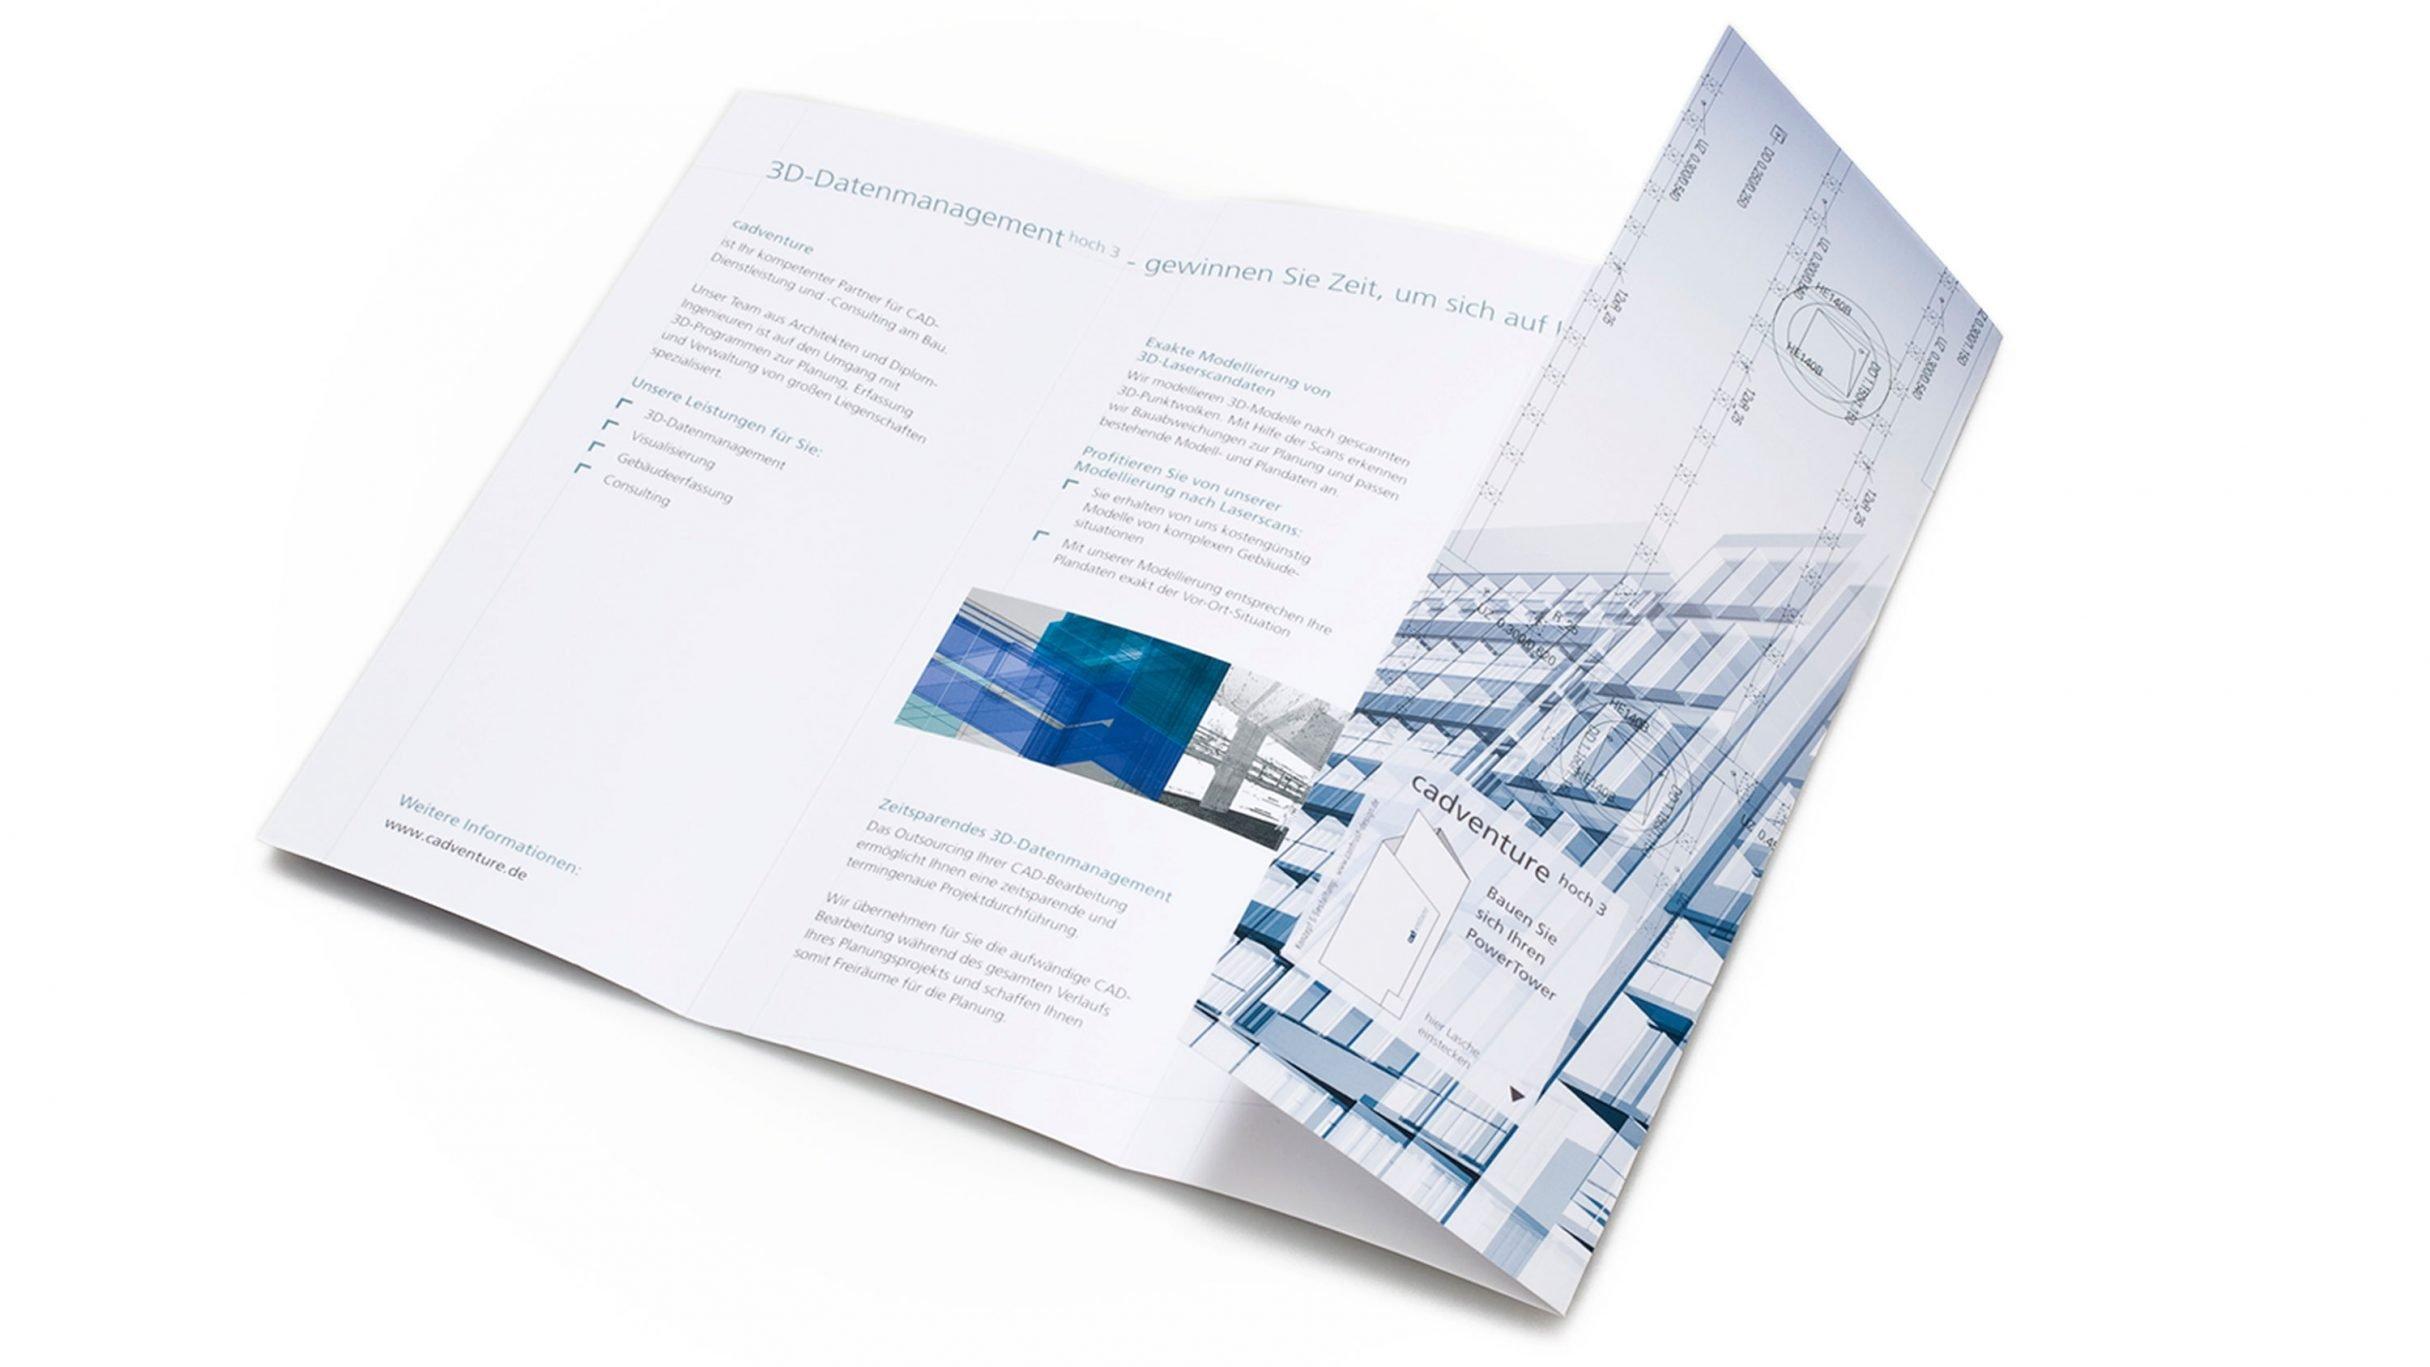 Corporate Design, Flyer Power Tower für cadventure: DIE NEUDENKER® Agentur, Darmstadt